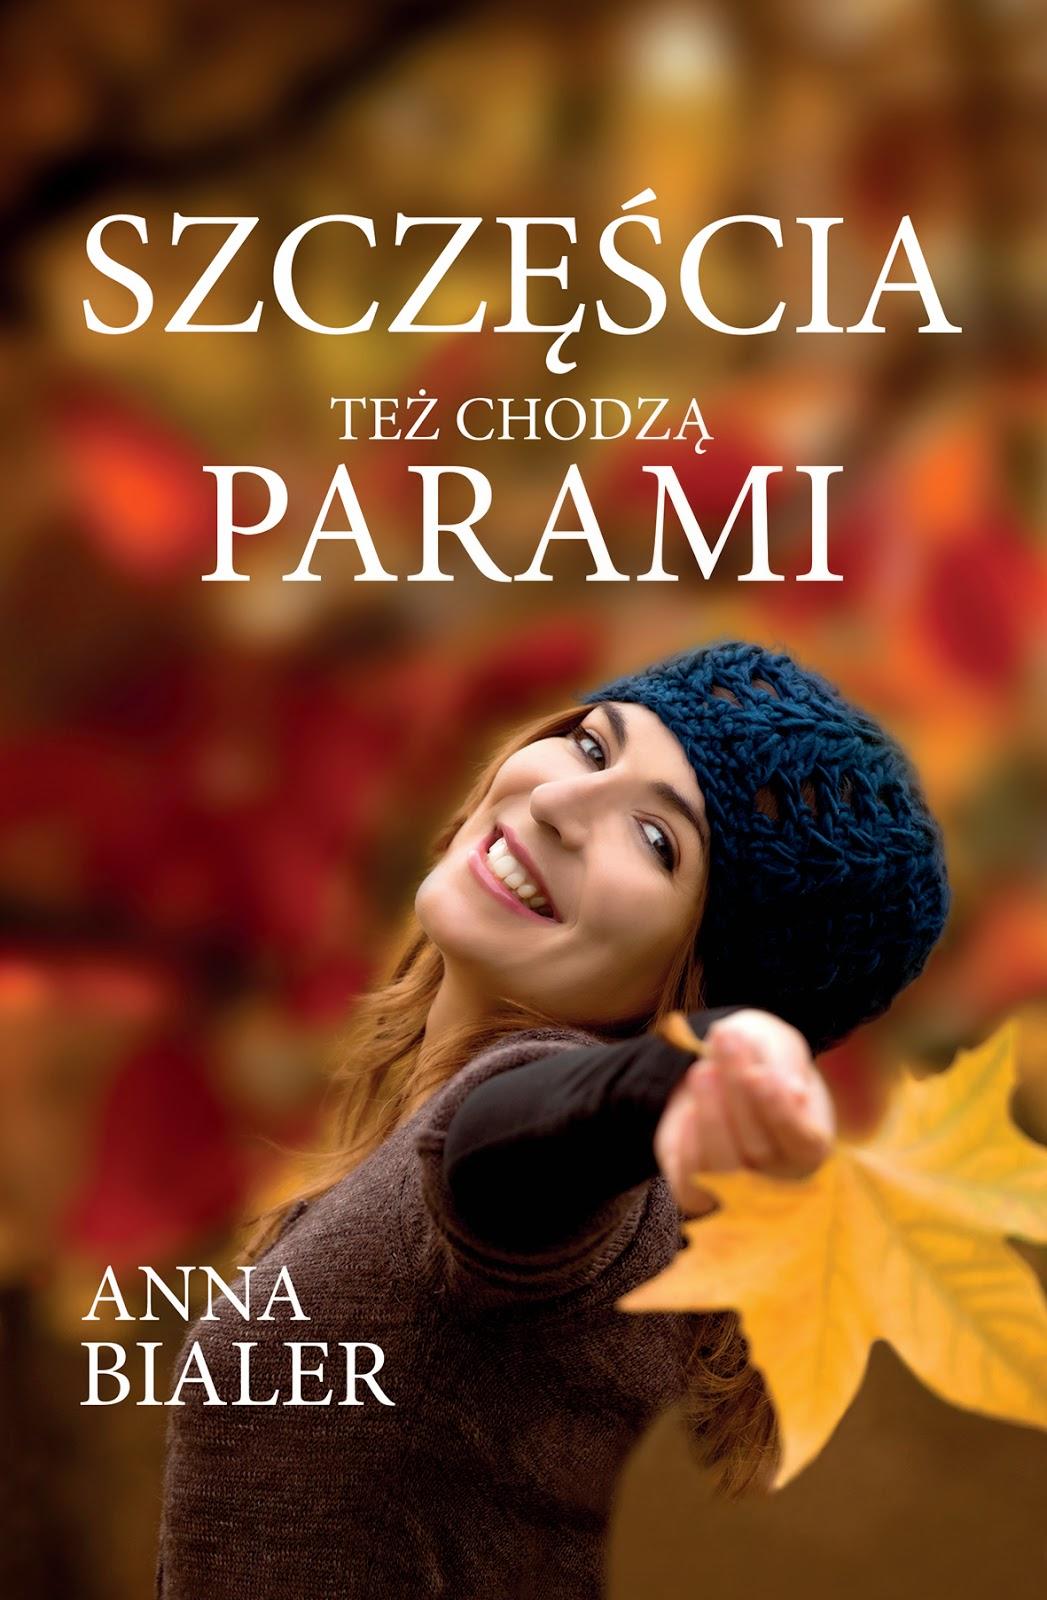 Szczęścia też chodzą parami. Nowa powieść Anny Bialer już w księgarniach!